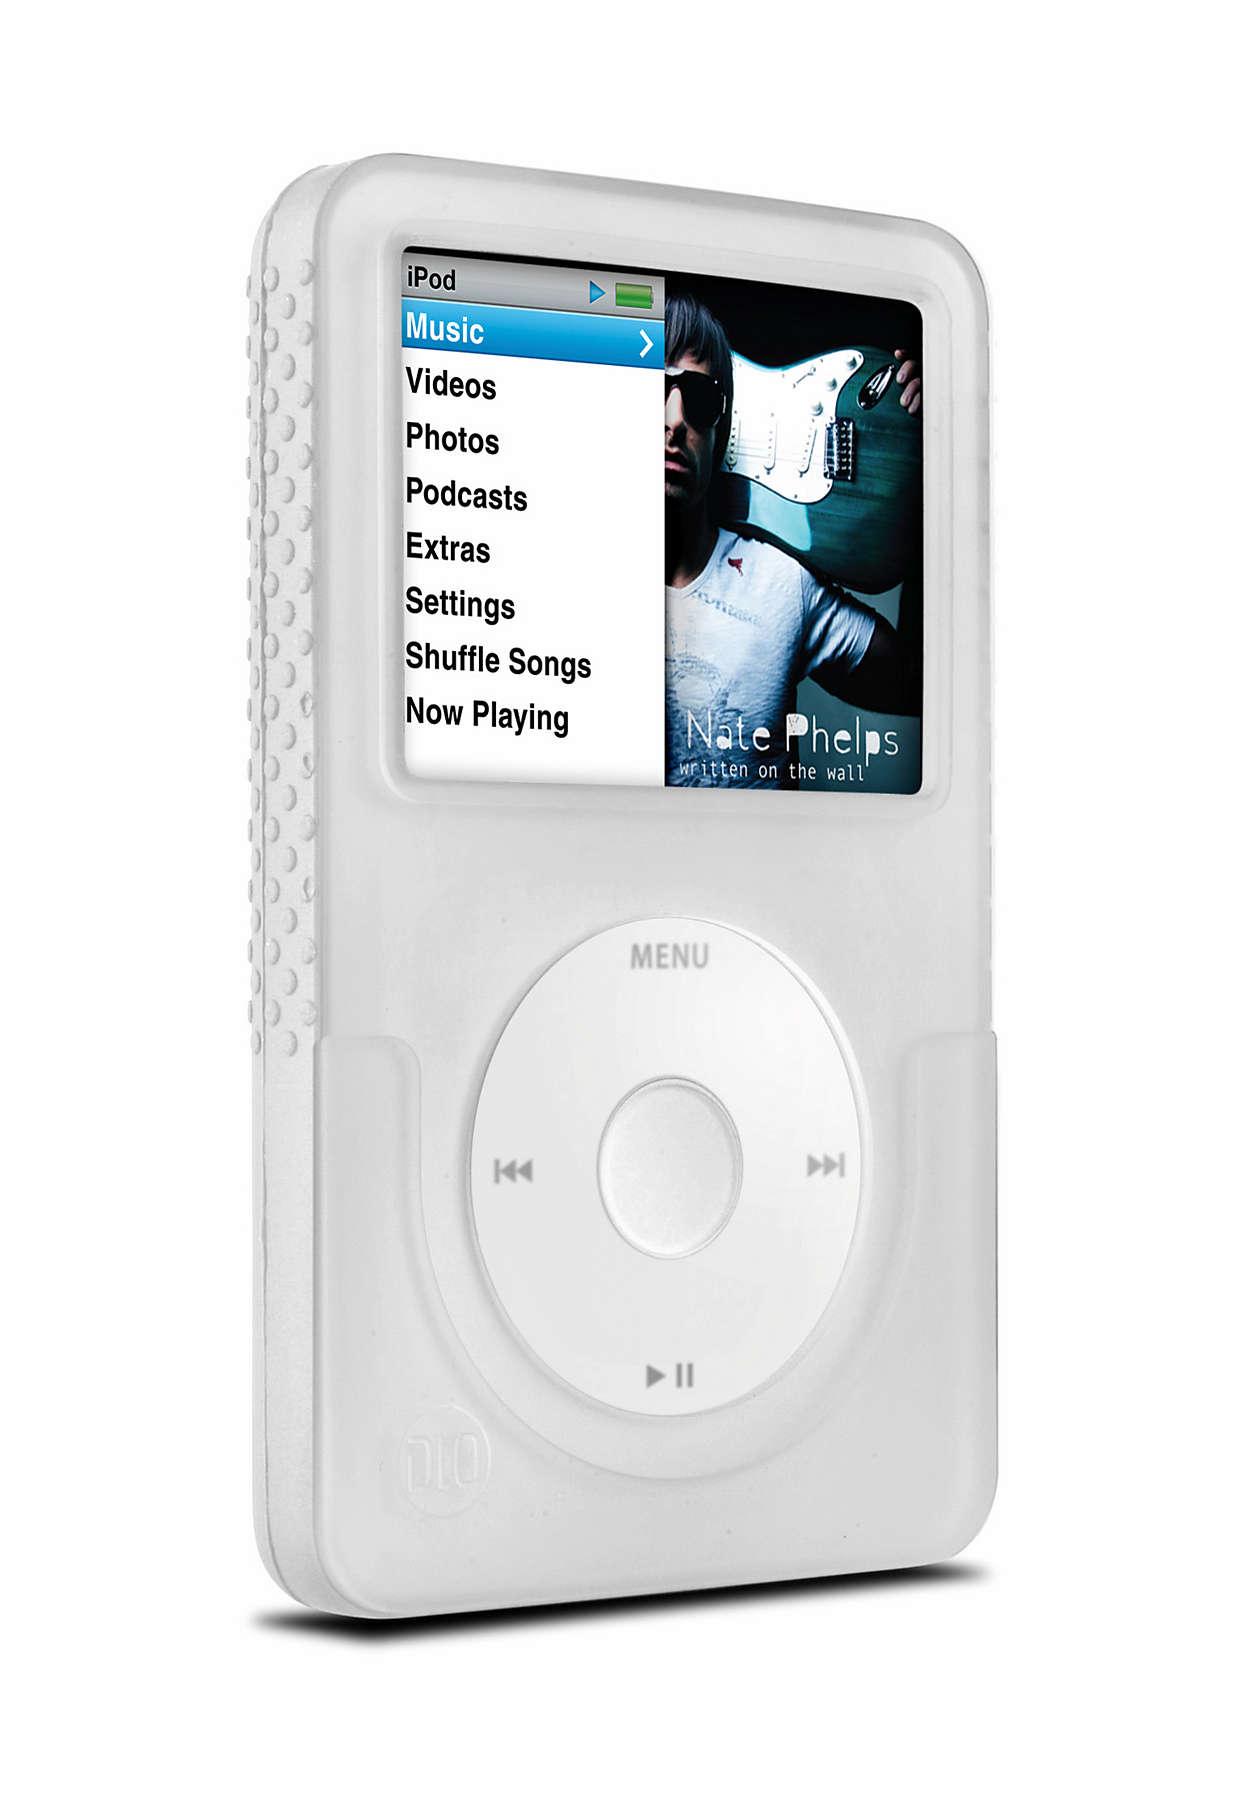 Stílusos védelem iPod készülékének